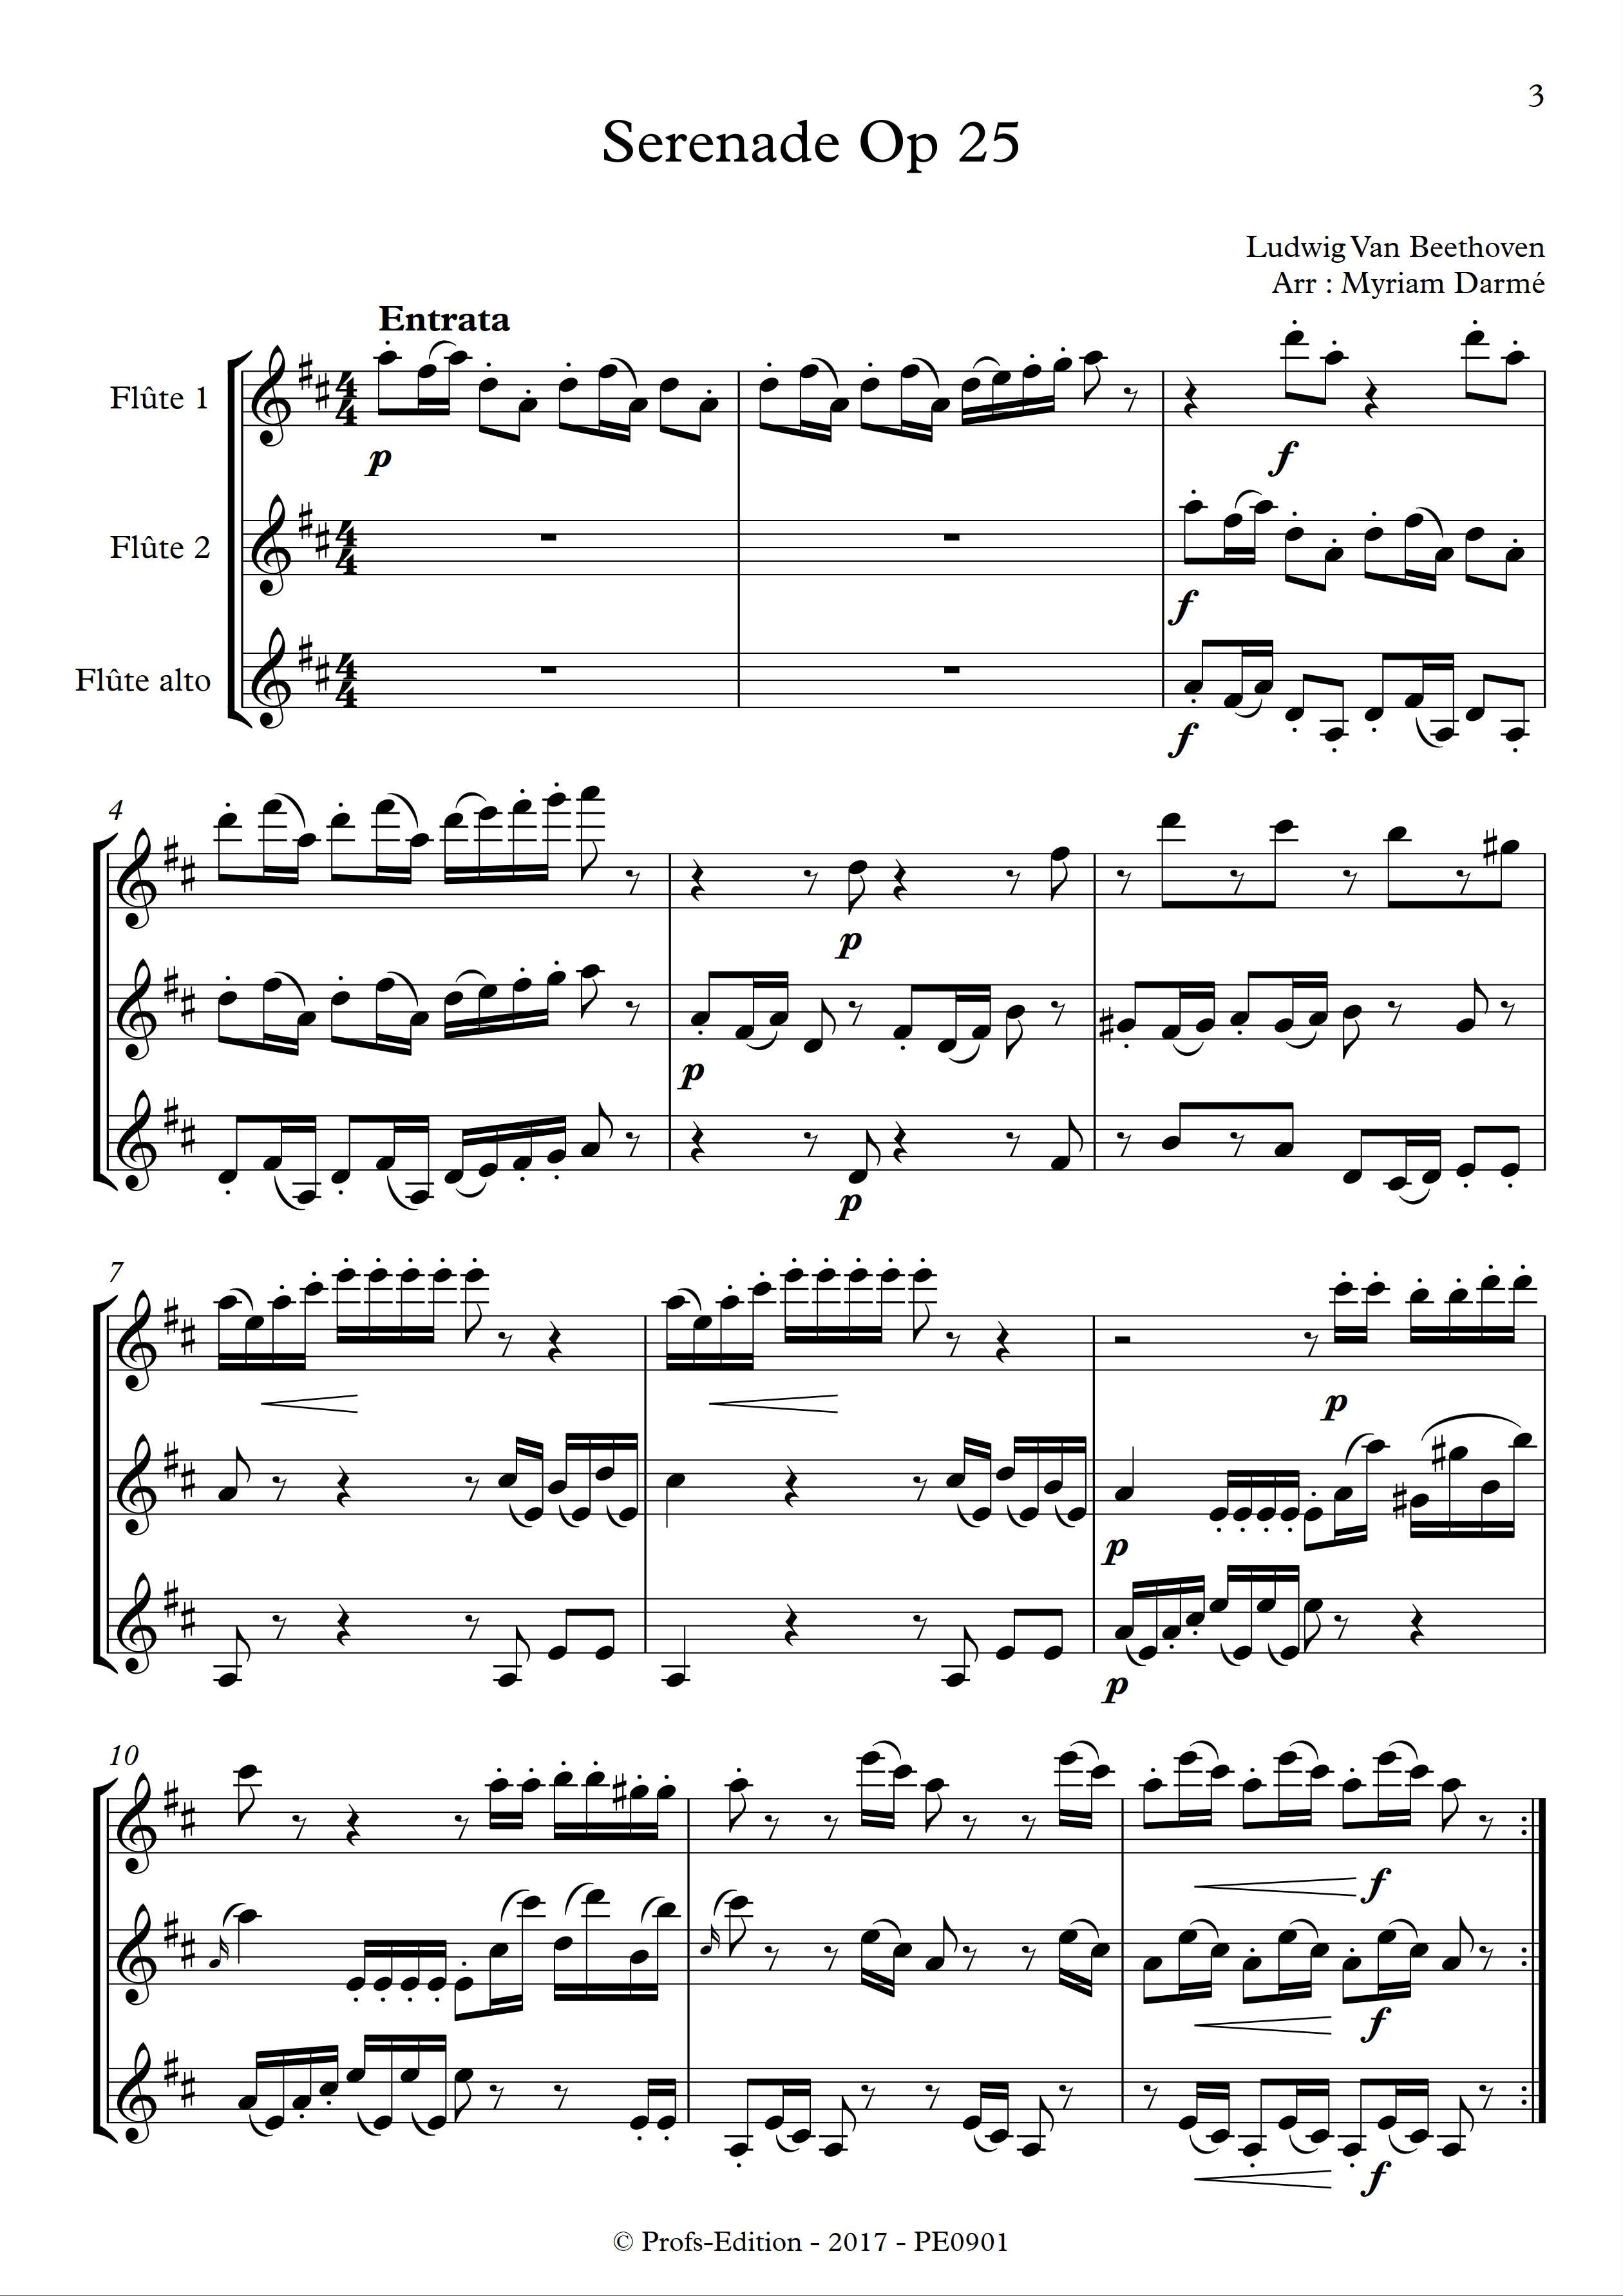 Serenade Op 25 - Trio de Flûtes - BEETHOVEN L. V. - app.scorescoreTitle